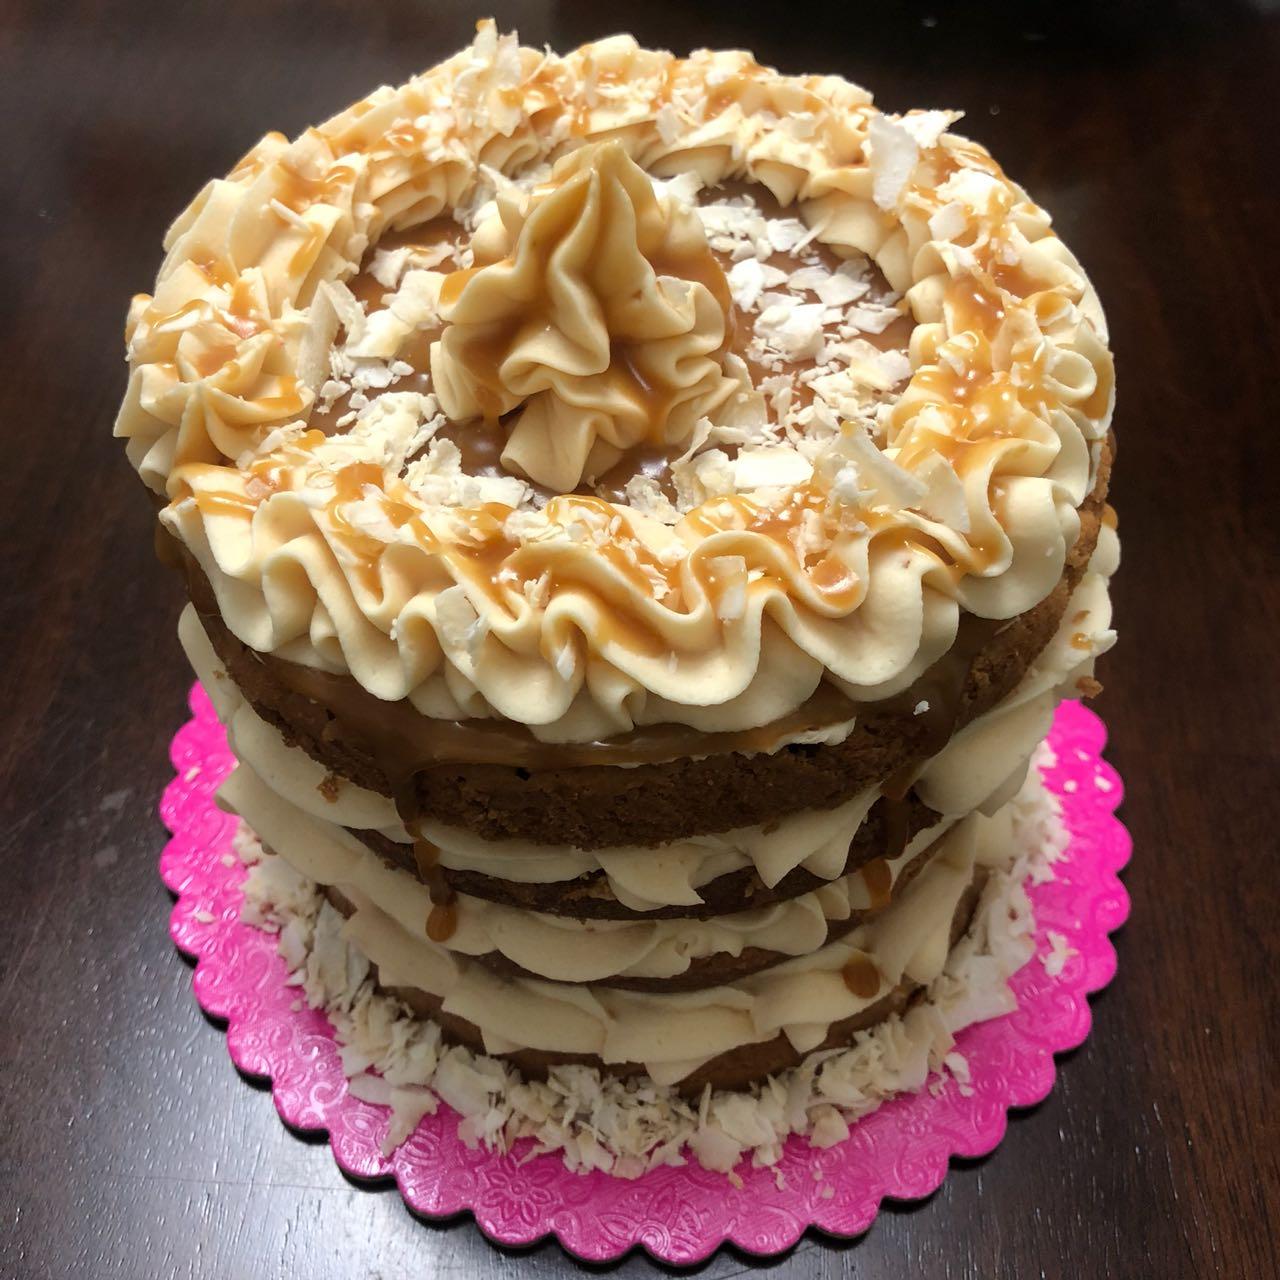 coconut caramel cake. naked cake. celebration cake. birthday cake.